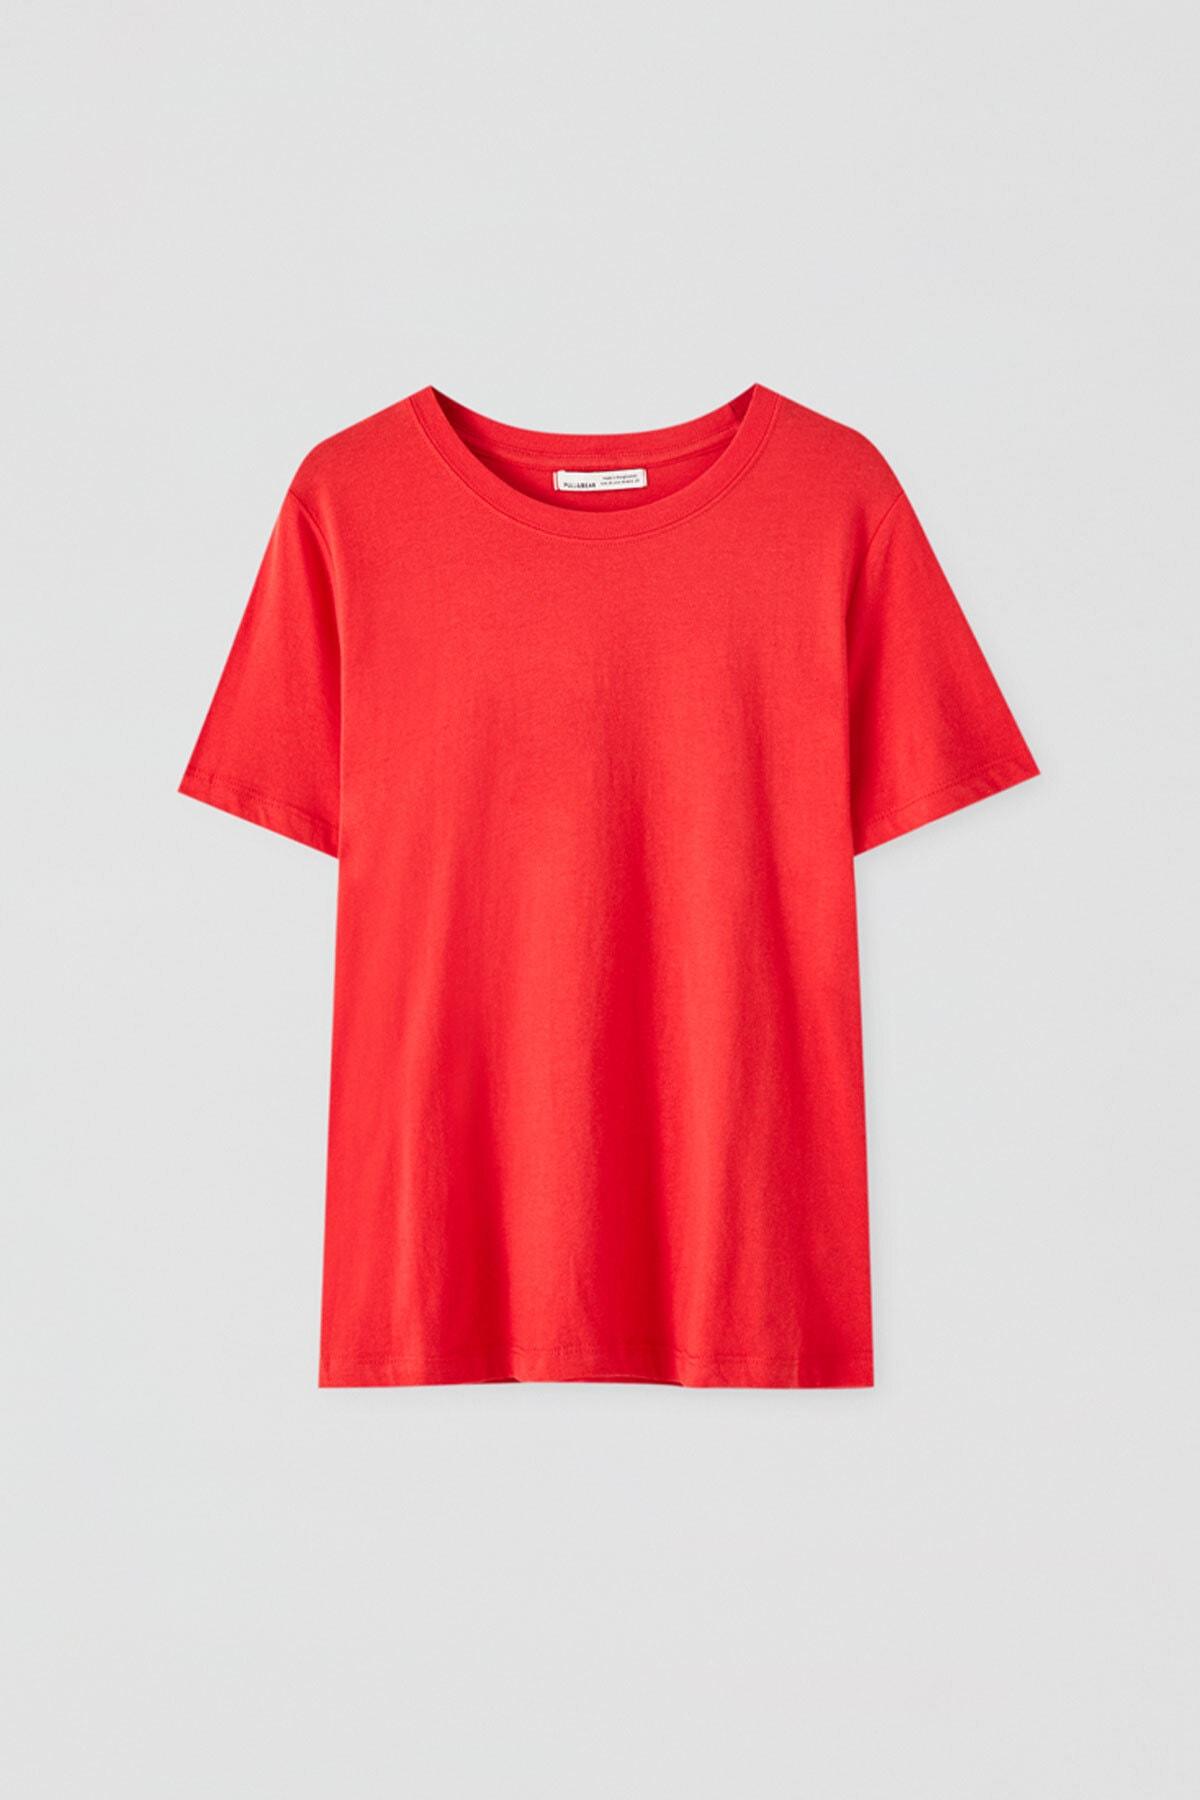 Pull & Bear Kadın Kırmızı Kısa Kollu Basic T-Shirt 05244357 1